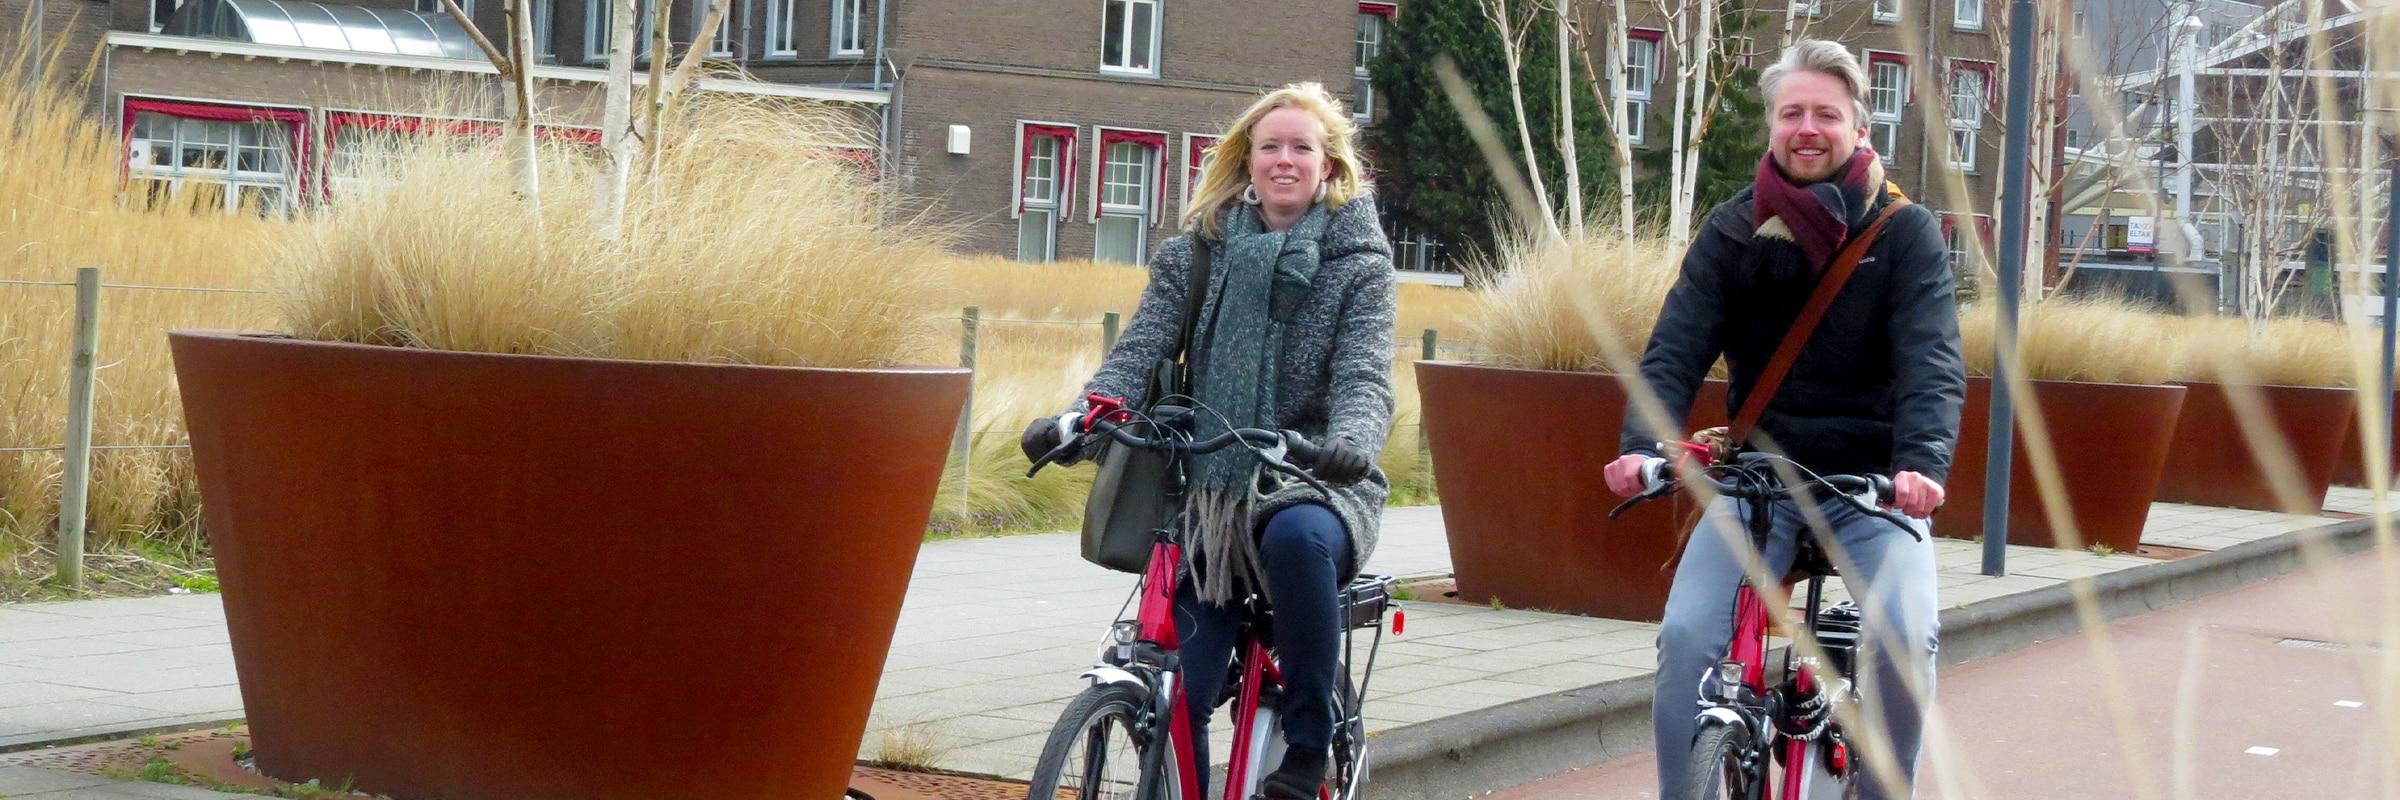 Elektrische fiets kopen? Maak eerst een gratis proefrit bij fietsenwinkel EasyFiets in Leiden!